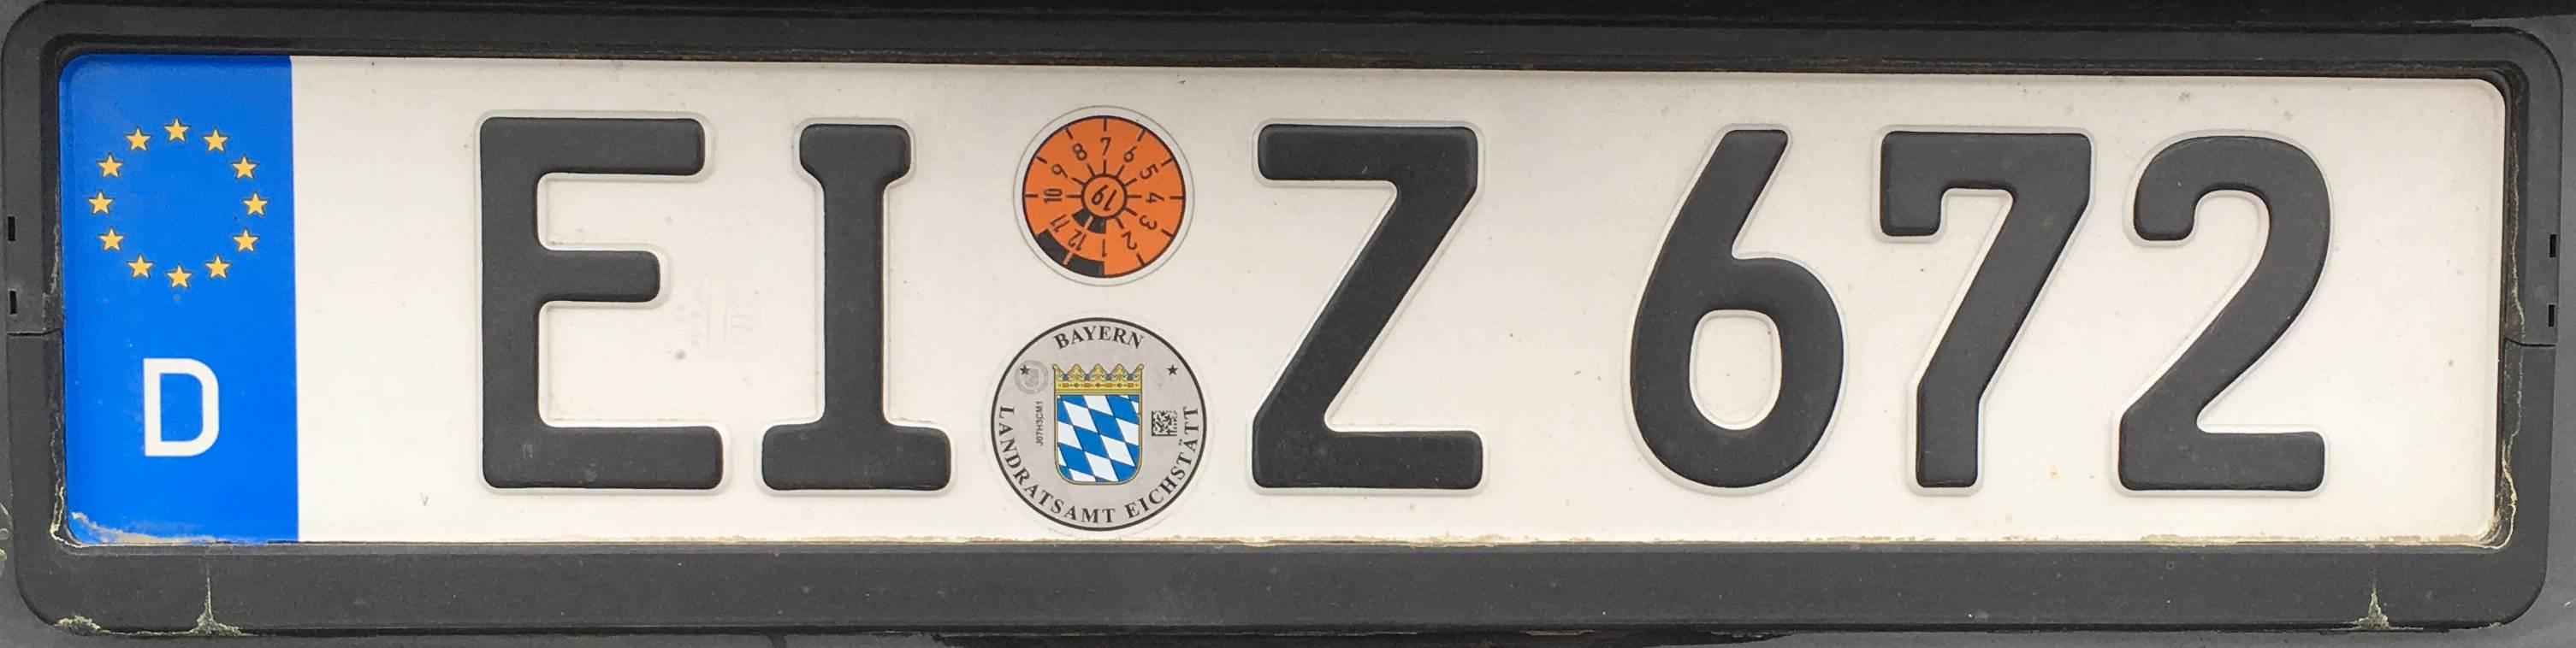 Registrační značky Německo - EI - Eichstätt, foto: www.podalnici.cz